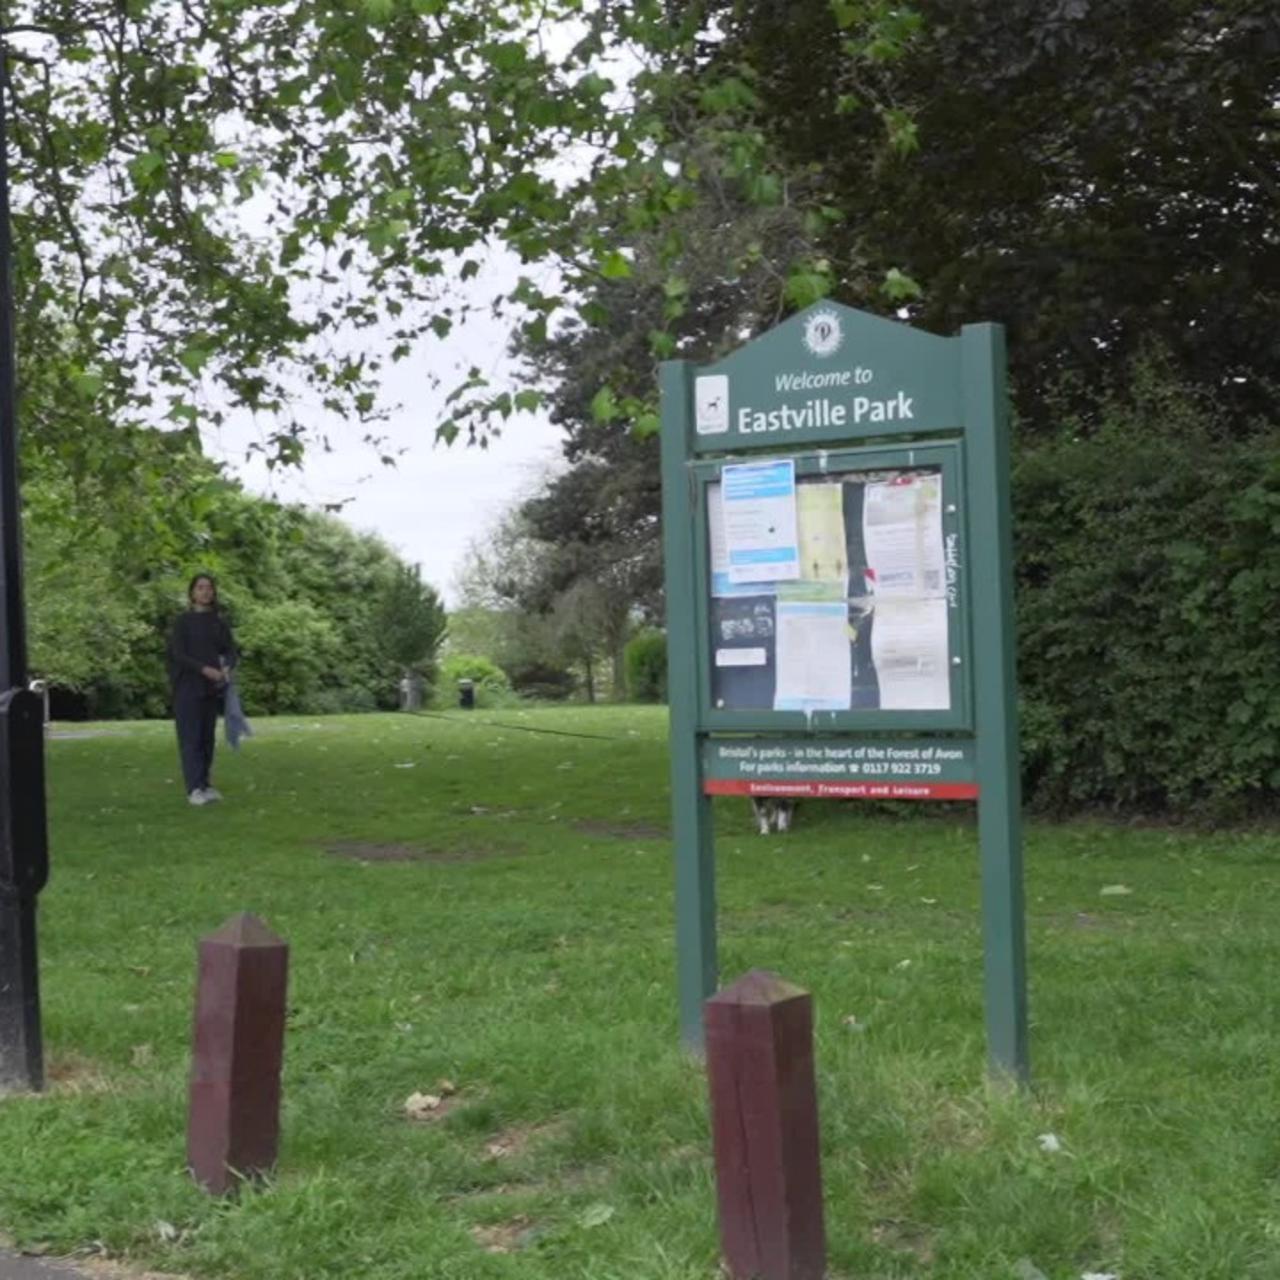 BigCityLife - 1:1 Eastville Park Walk-In Vaccine Clinic (1)